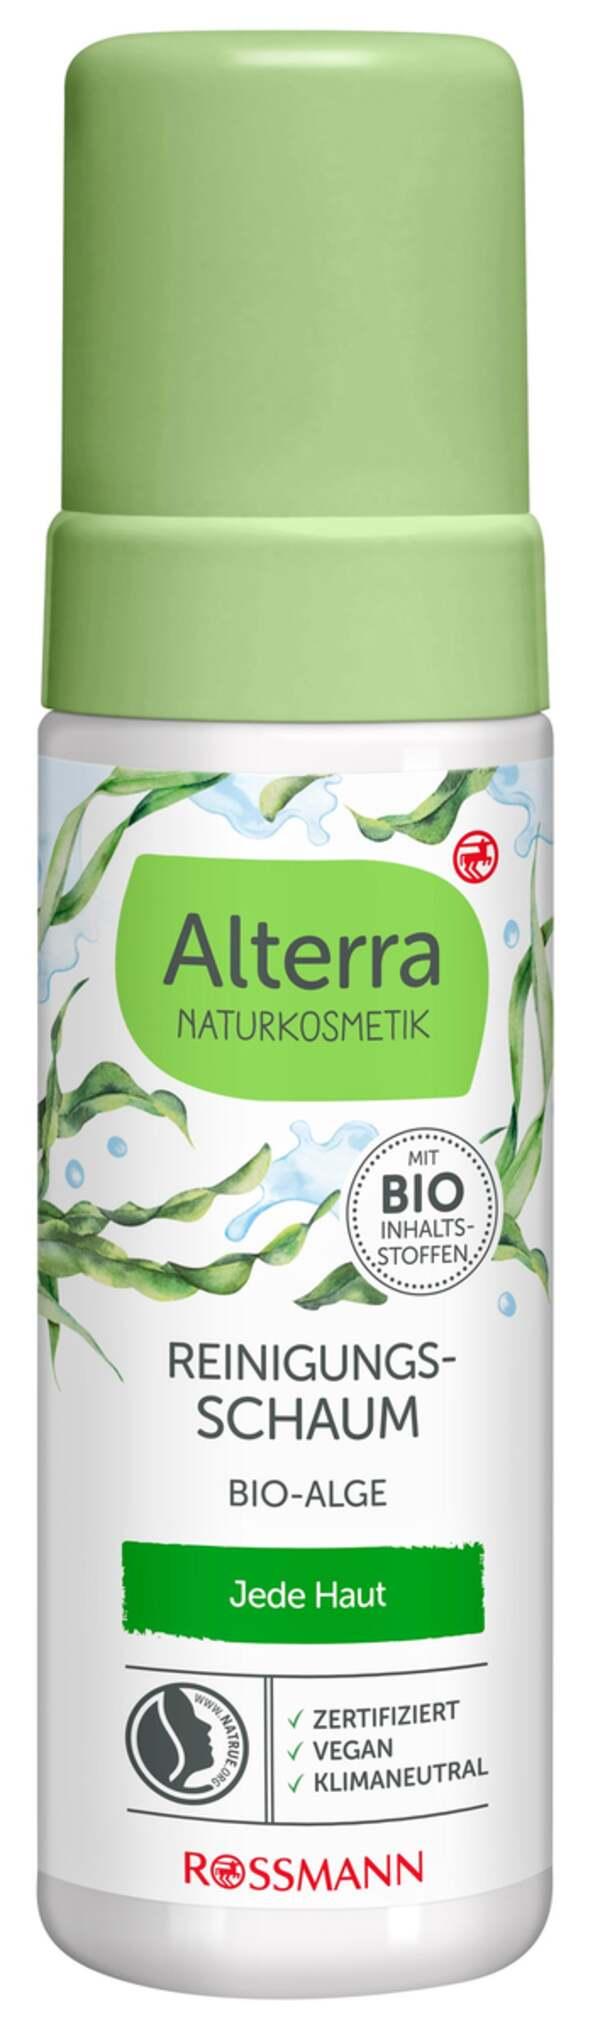 Alterra NATURKOSMETIK Reinigungsschaum Bio-Alge